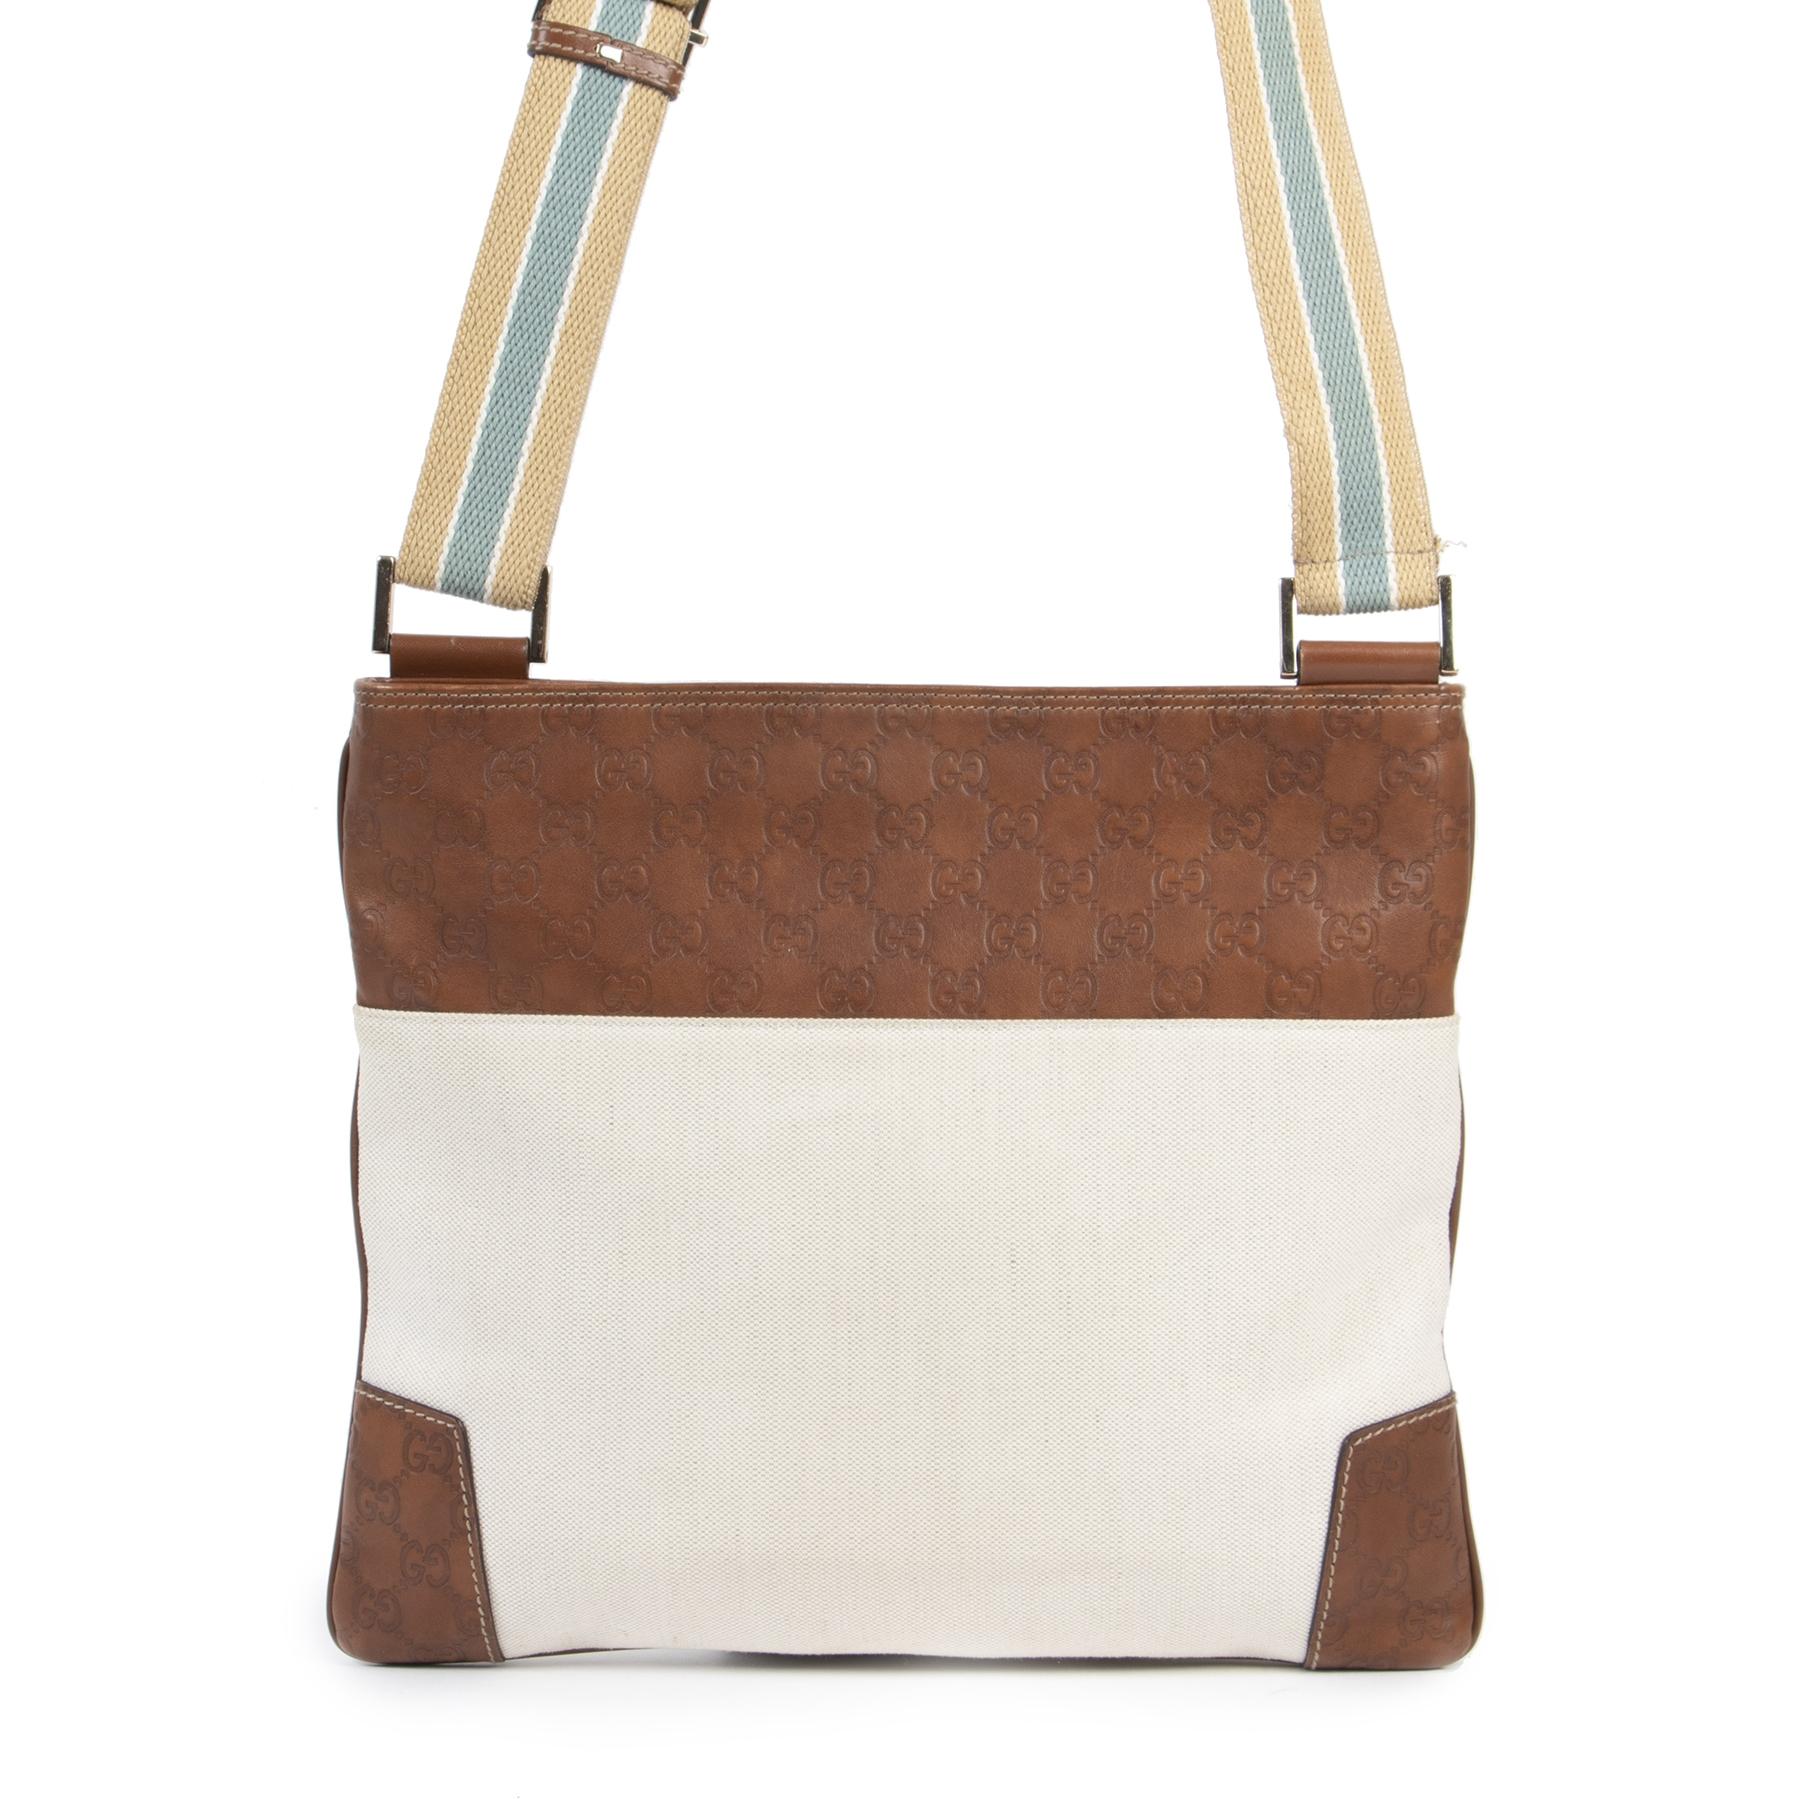 Authentieke Tweedehands Gucci Messenger Bag Leather Monogram Crossbody juiste prijs veilig online shoppen luxe merken webshop winkelen Antwerpen België mode fashion